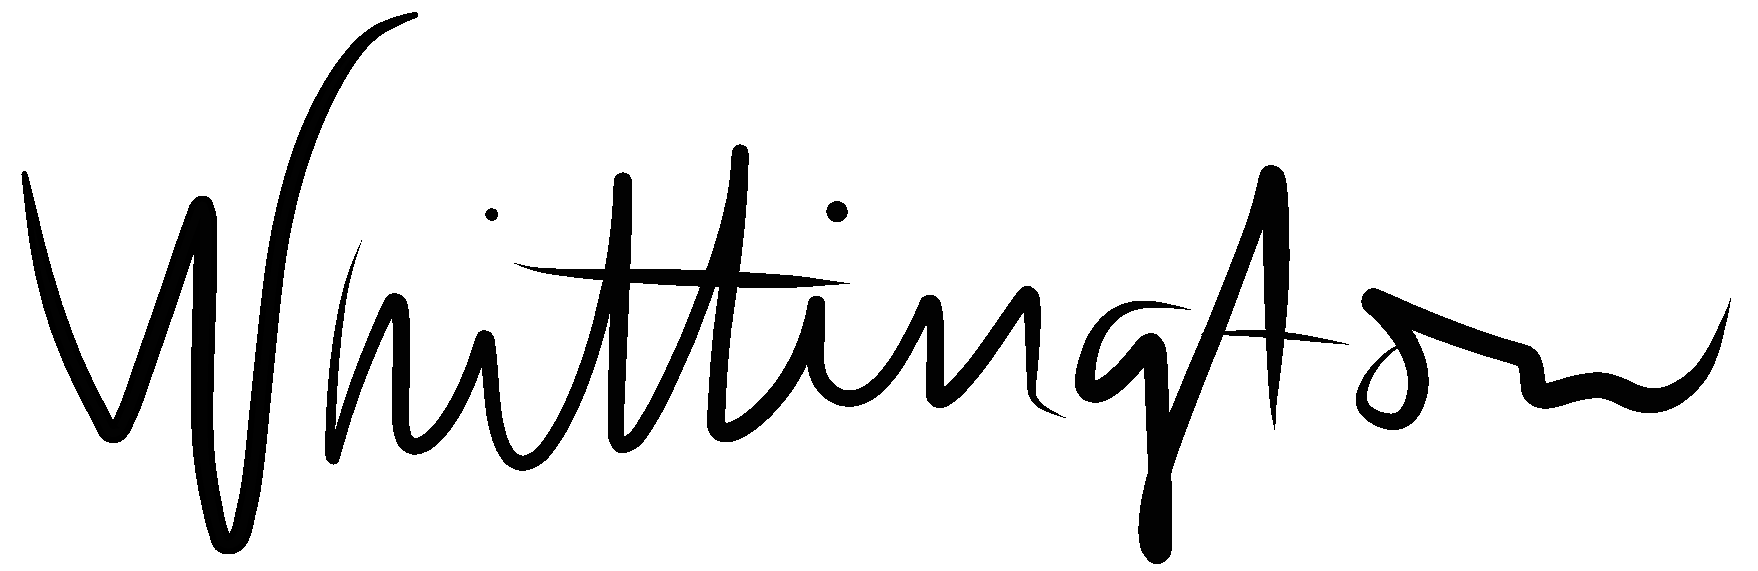 Jen Whittington Thomas's Signature